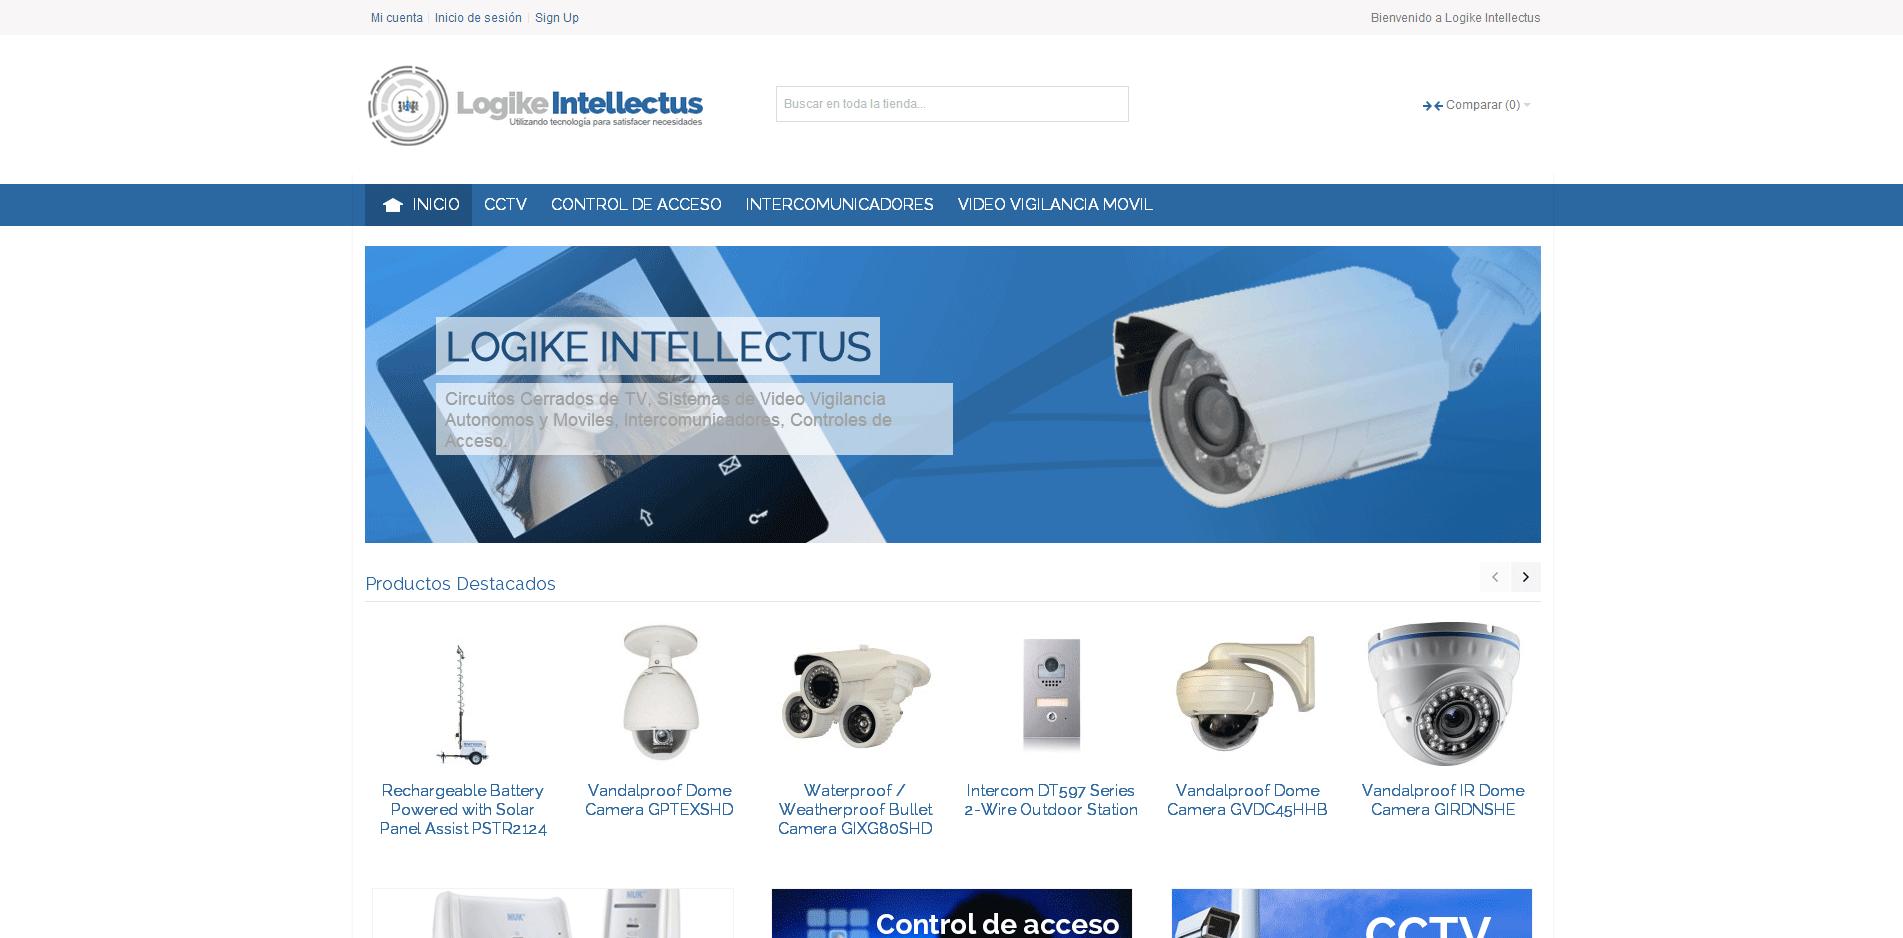 Criação da loja virtual Logike Intellectus